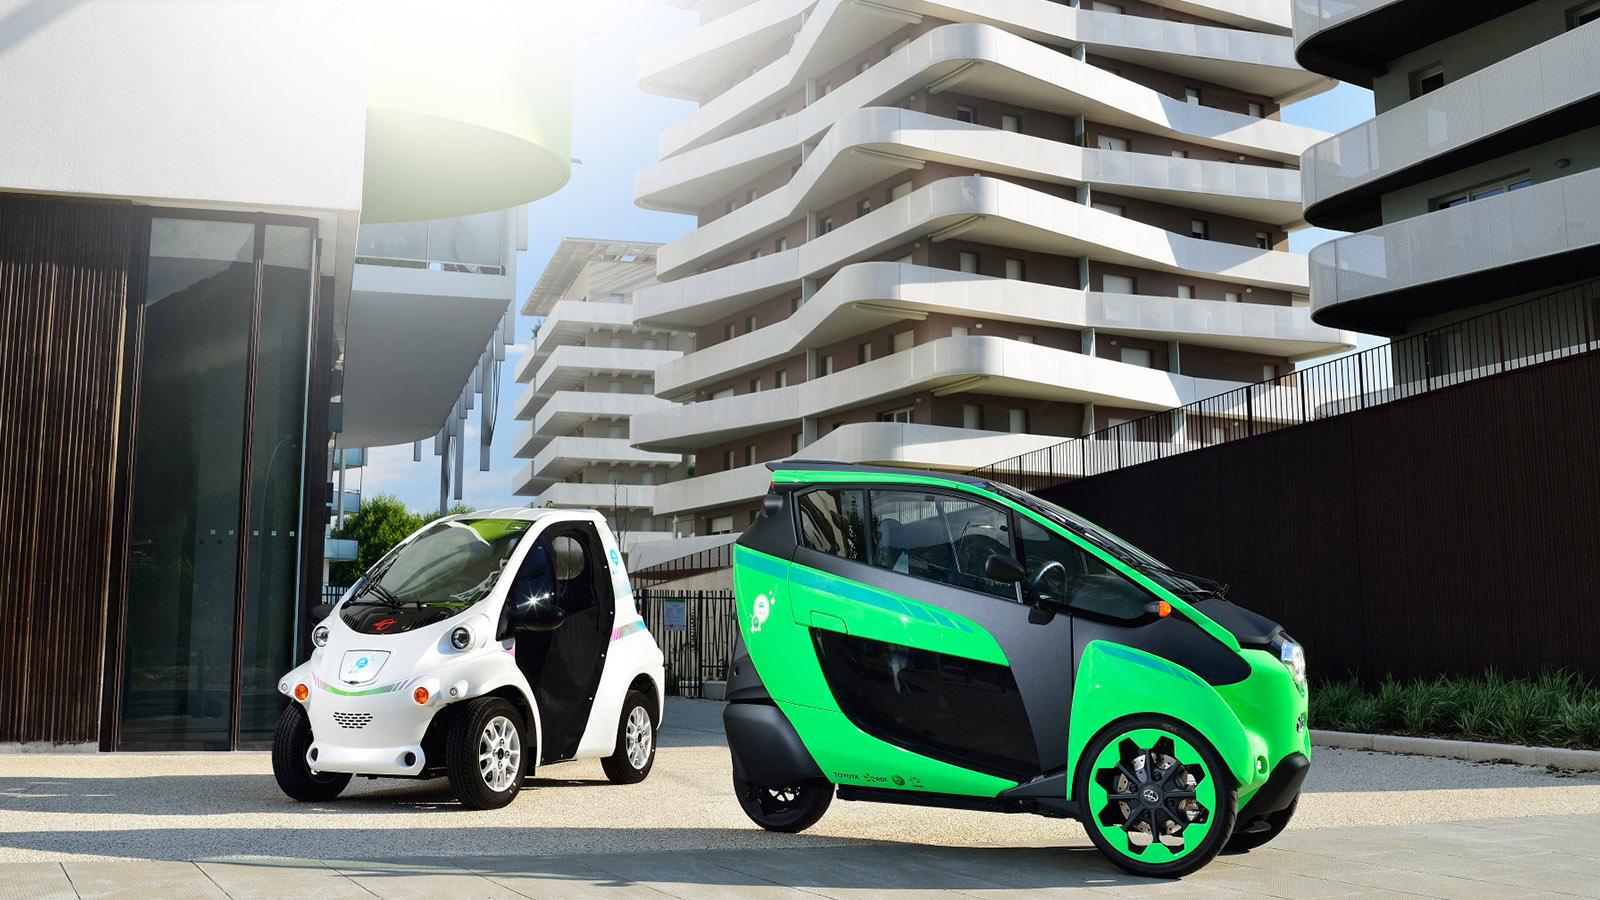 无线充电成新能源汽车卖点?商业化推广并不好走